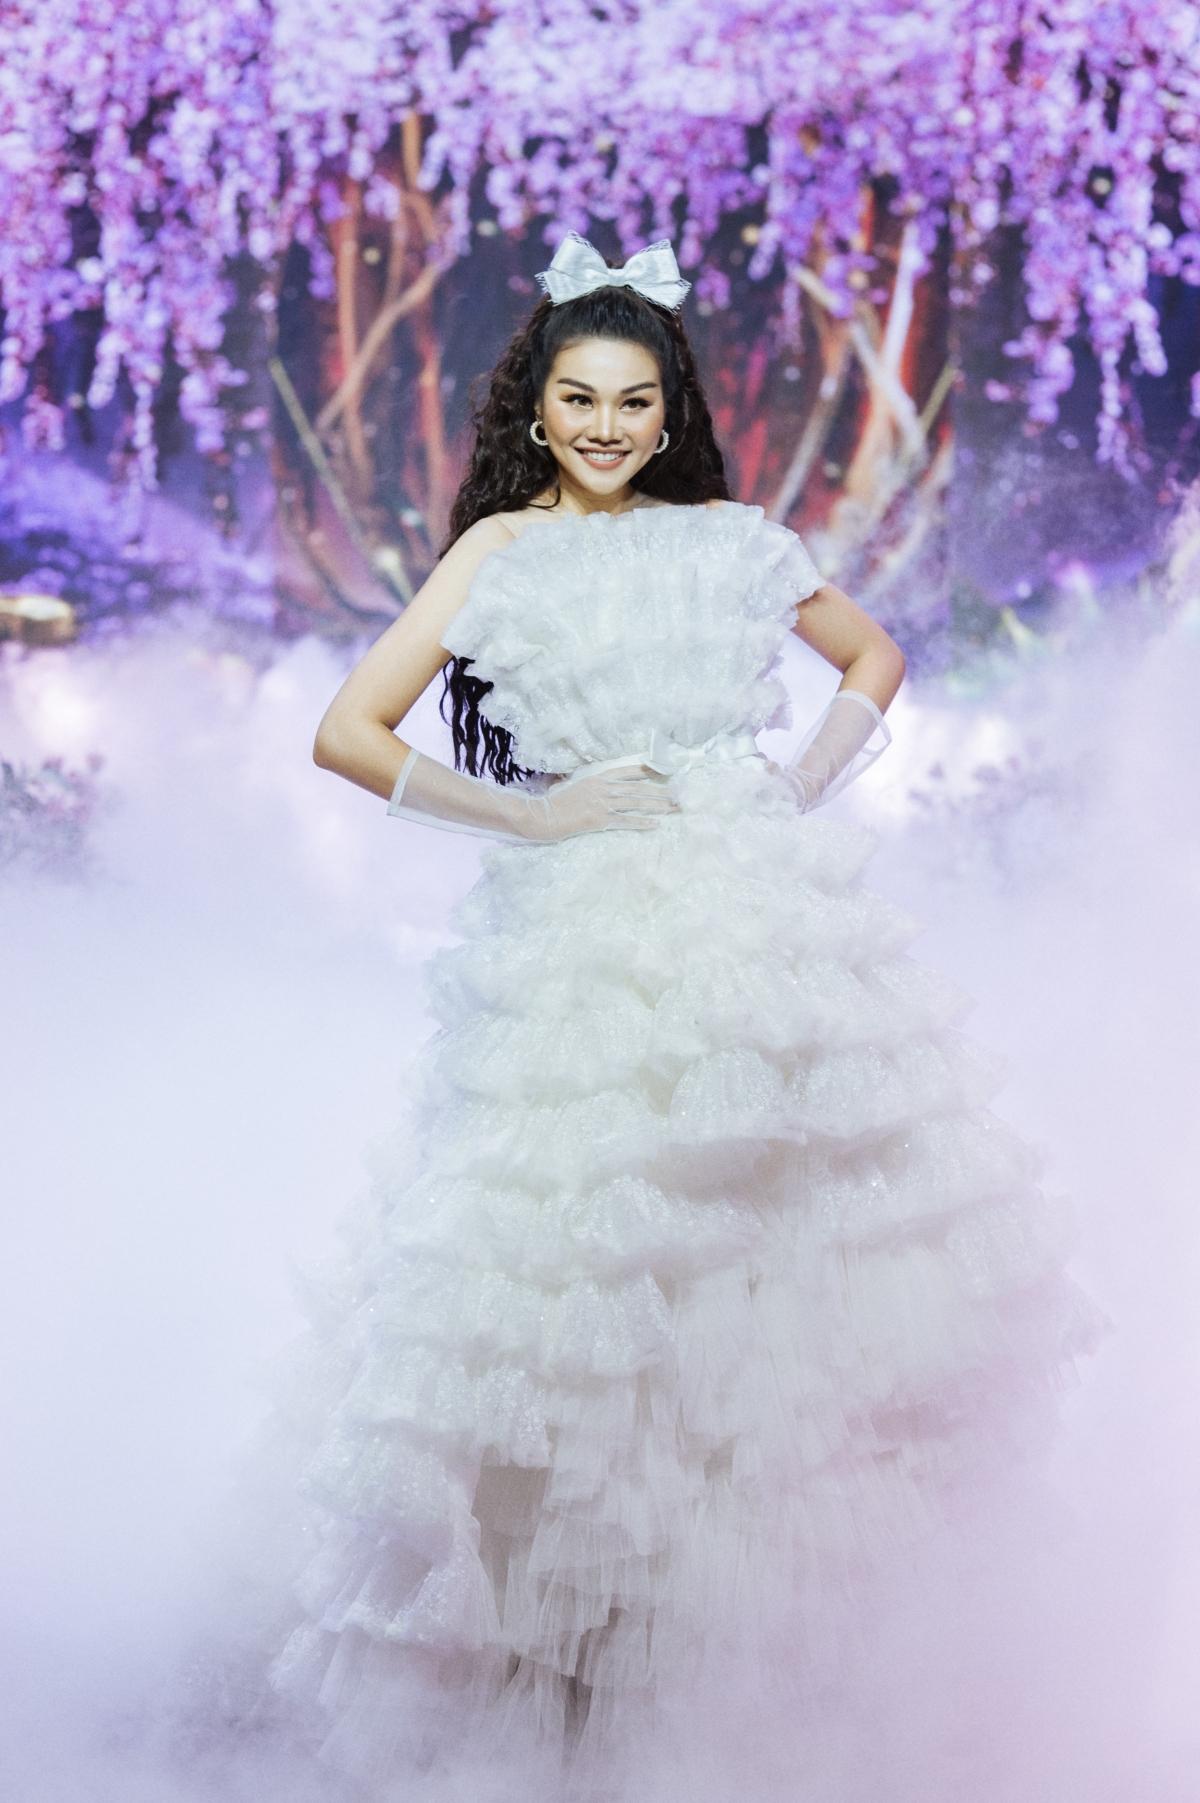 Khác với vẻ lạnh lùng thường thấy của Thanh Hằng trên các sàn diễn, siêu mẫulần này mang đến hình ảnh ngọt ngào hơn.